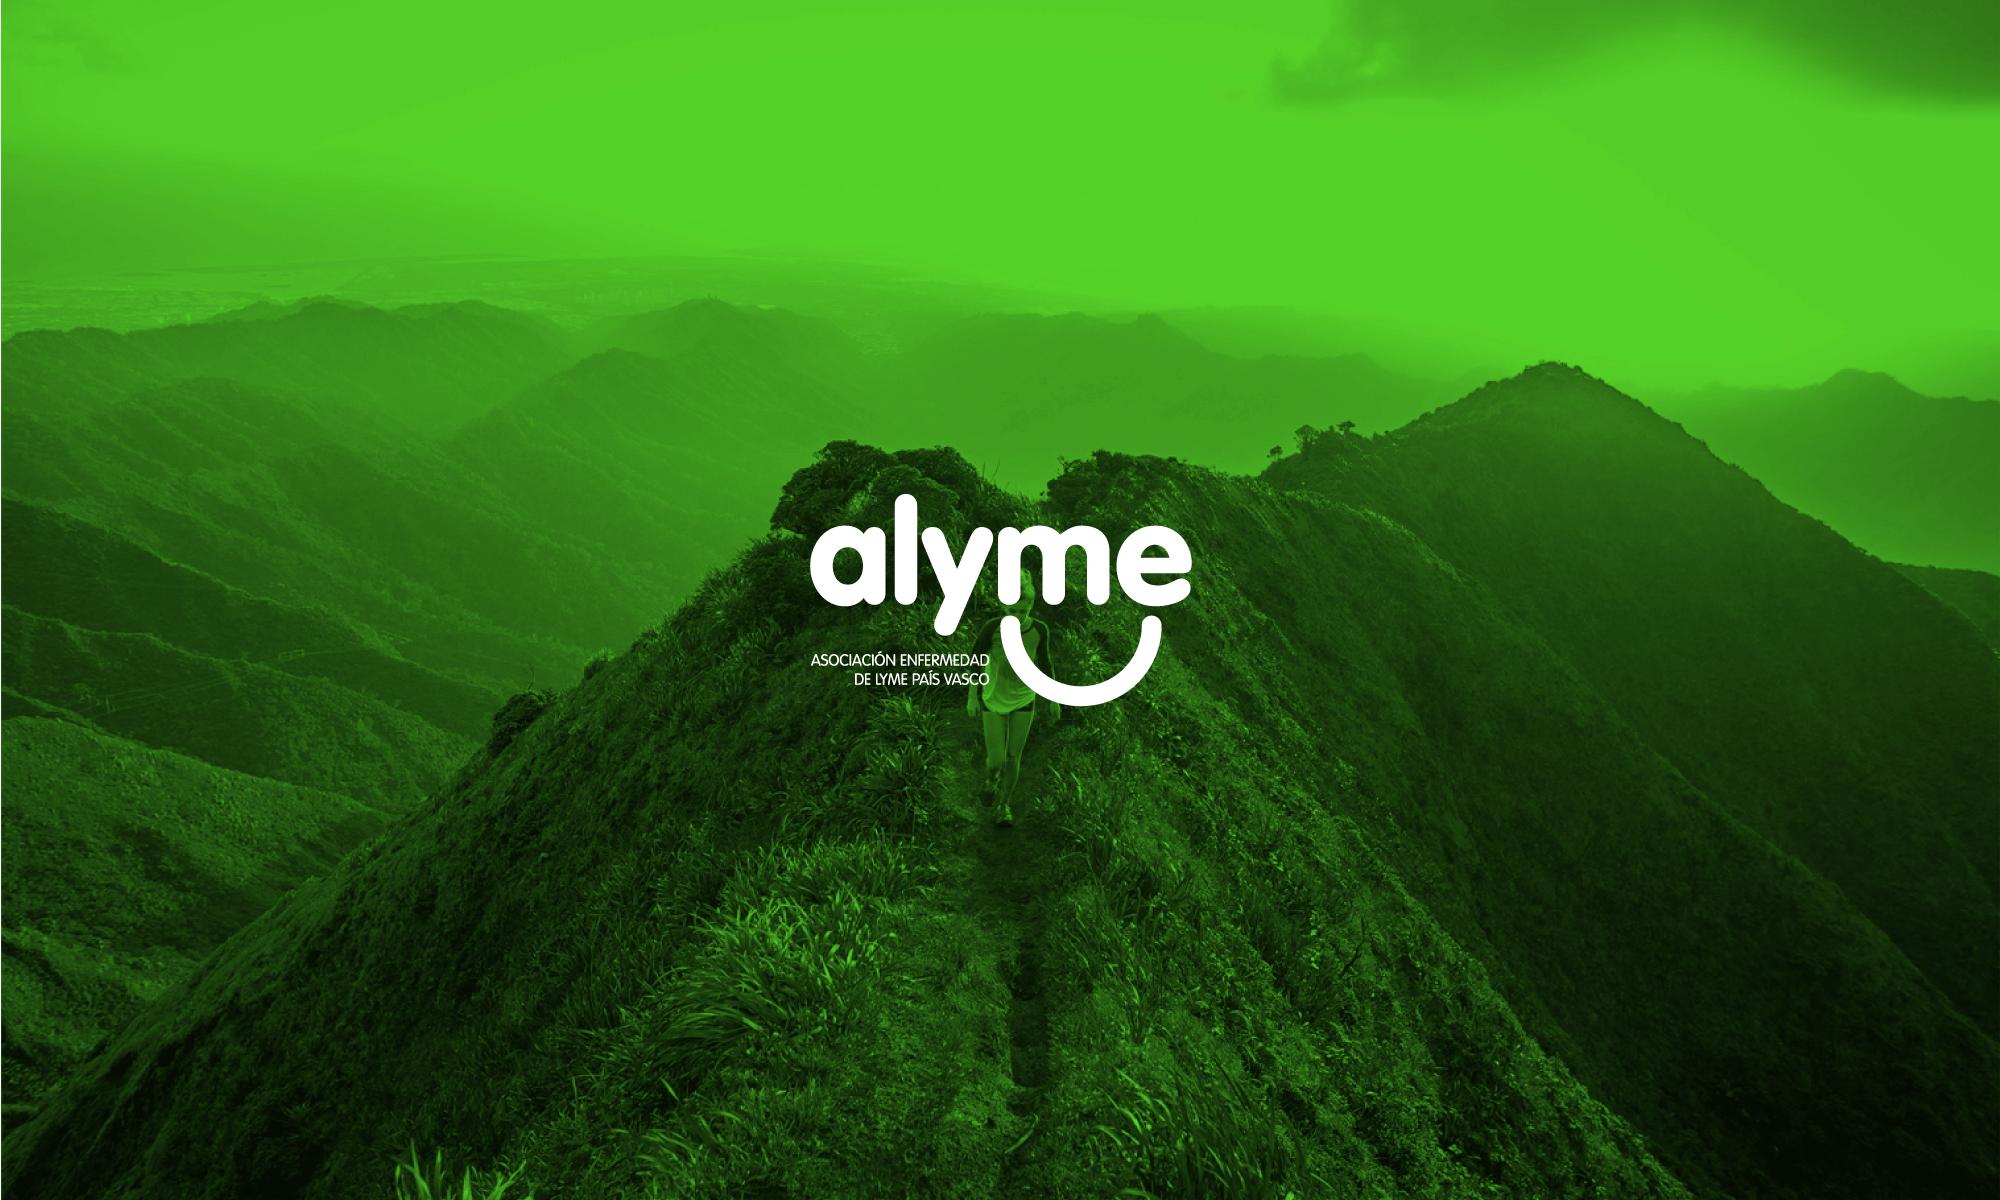 A-lyme